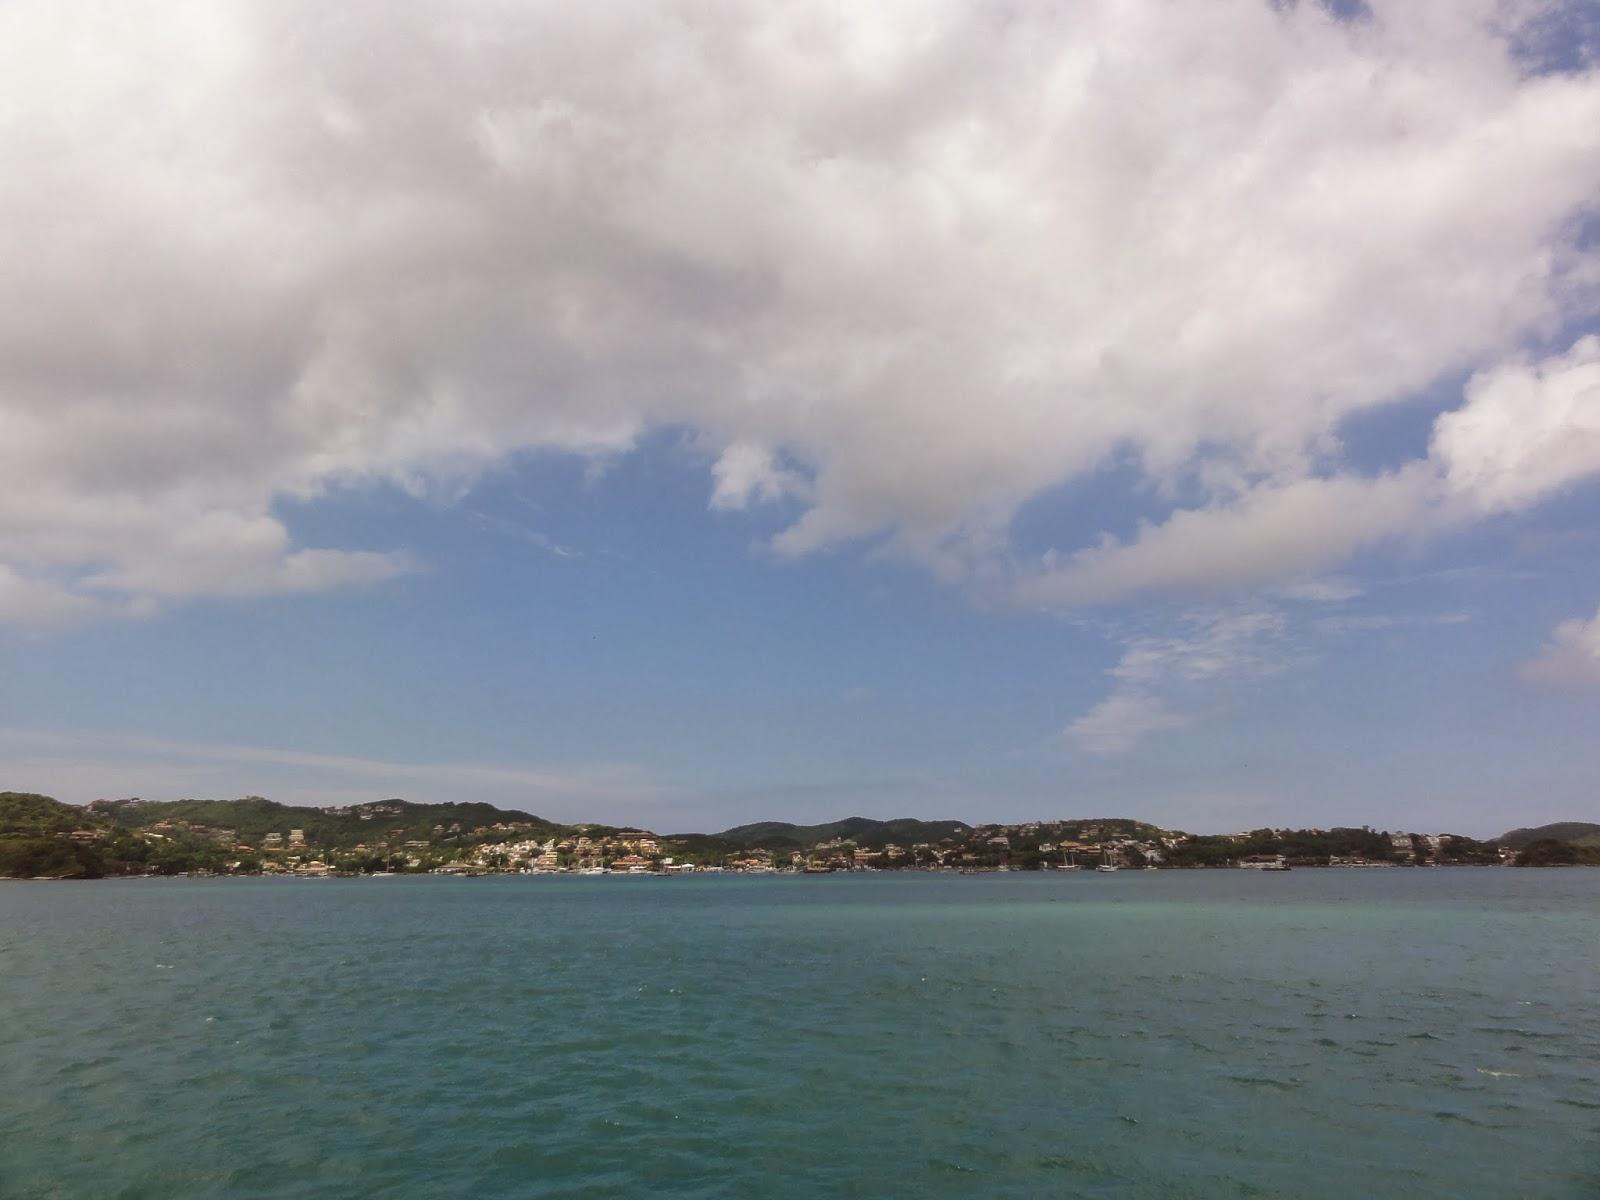 Cruzeiros marítimos curtos são os melhores (três razões para você preferir também)